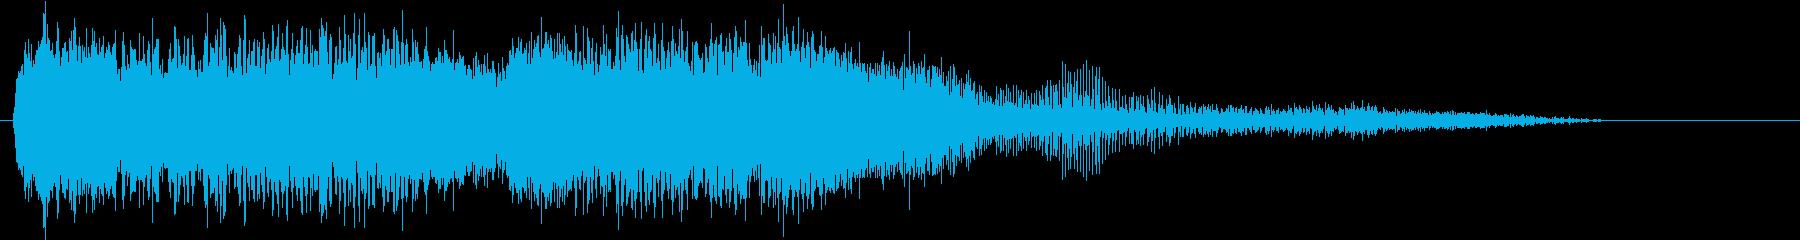 大型丸型ハンドソー:スタート、ラン...の再生済みの波形